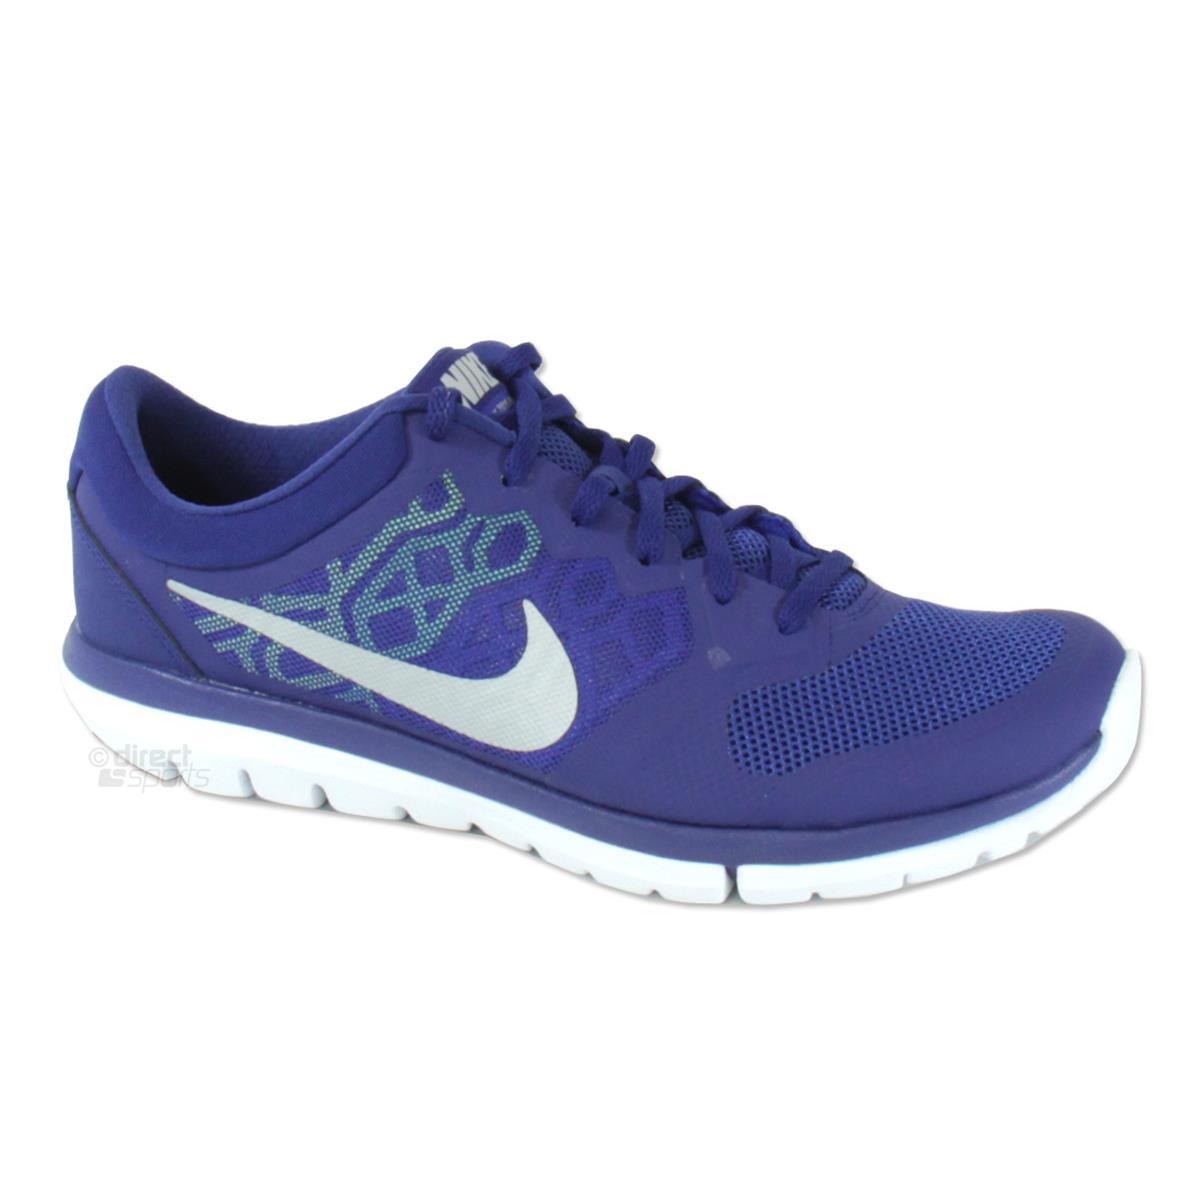 d37b73f996396 Nike Flex Run 2015 Mens Running Shoes (Royal Blue ...